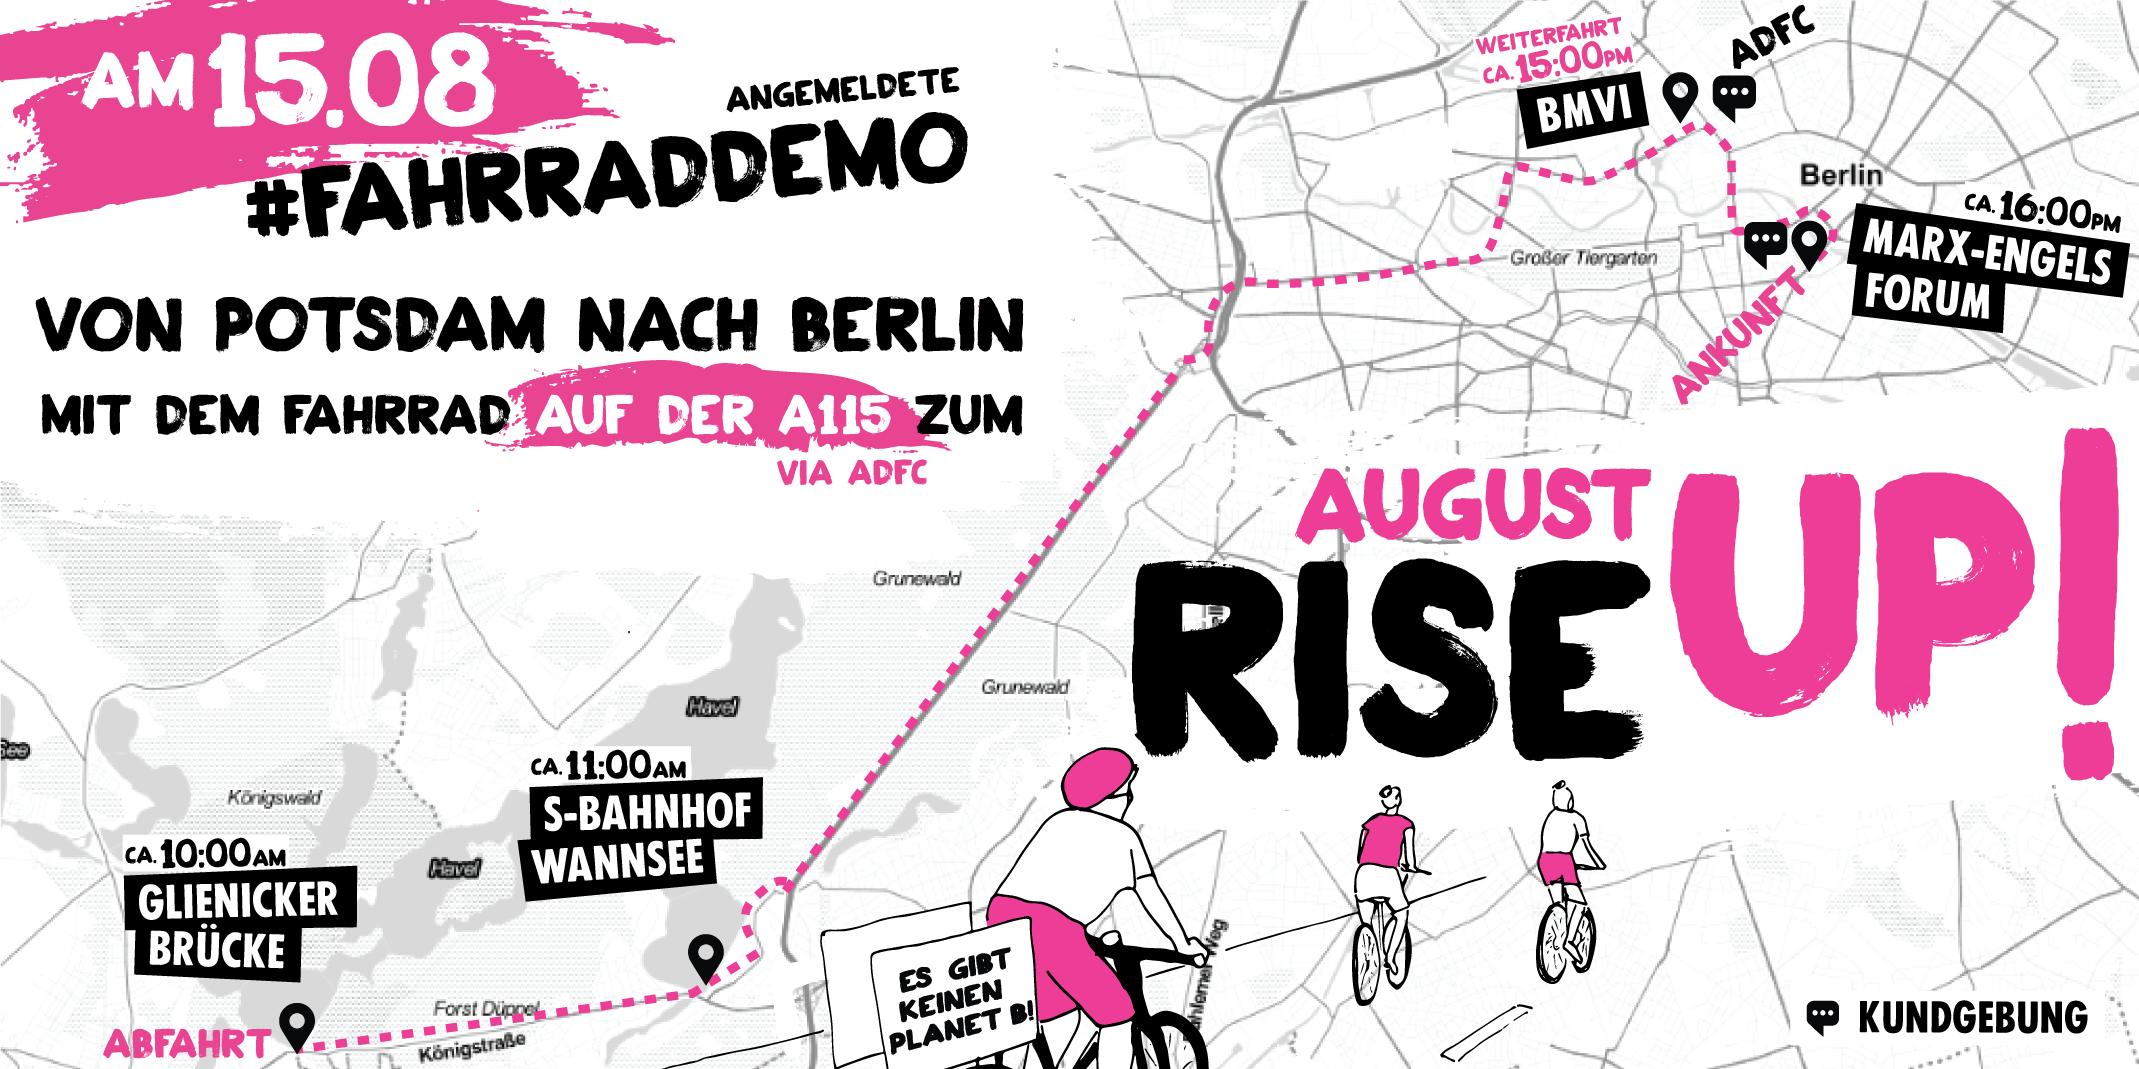 fahrraddemo-potsdam-berlin-sharepic